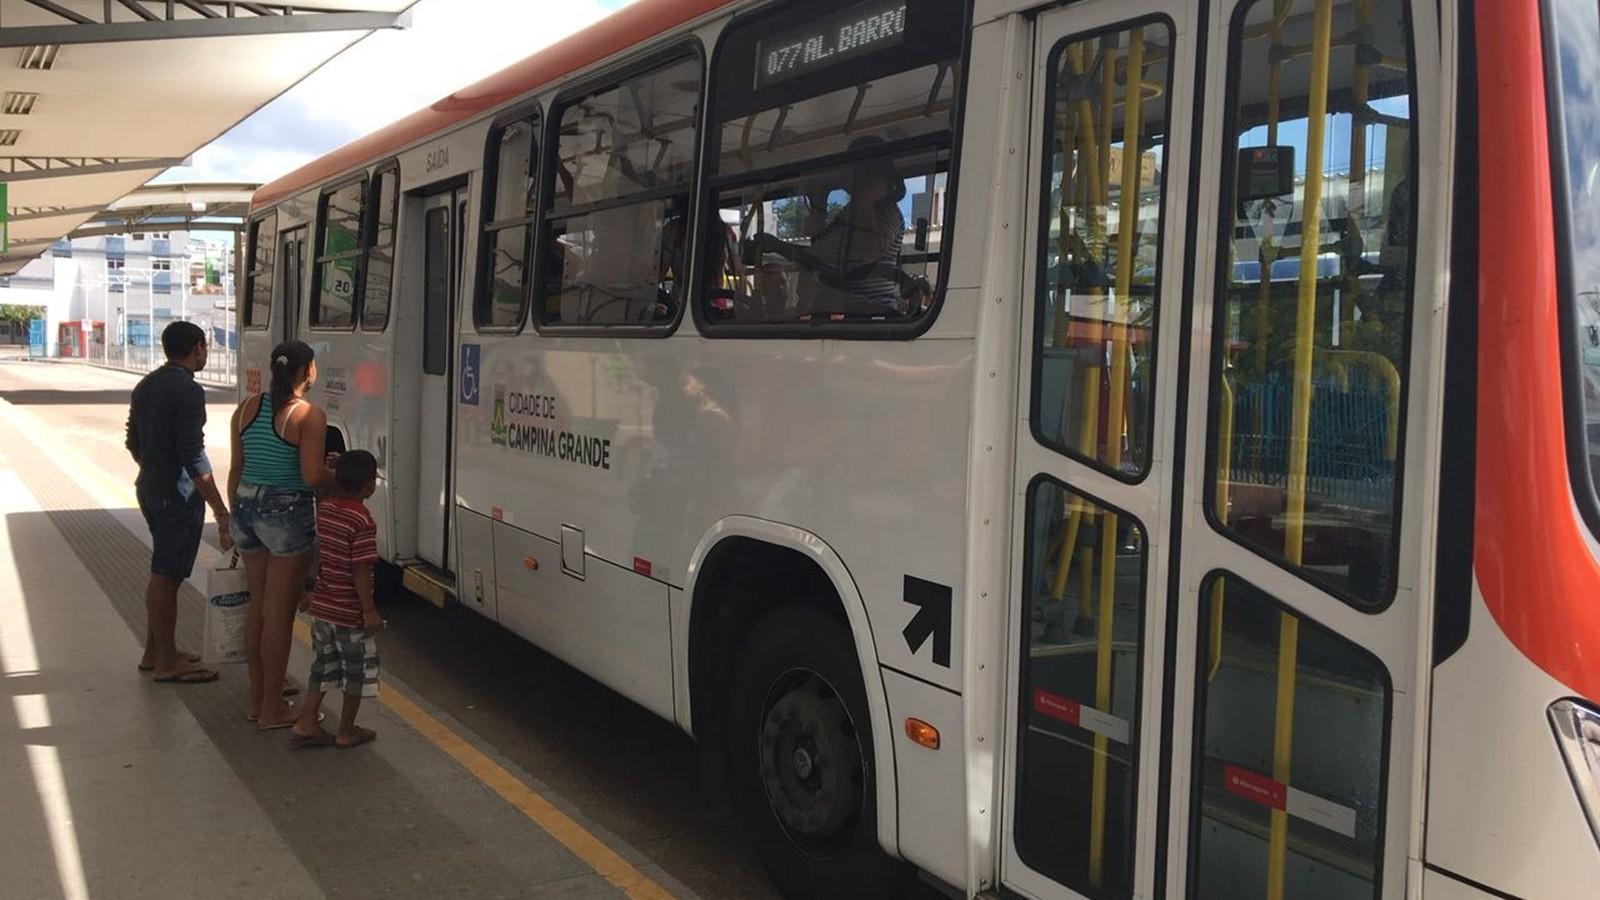 Gratuidade no transporte público para pessoas com deficiência tem novo critério, em Campina Grande  - Notícias - Plantão Diário